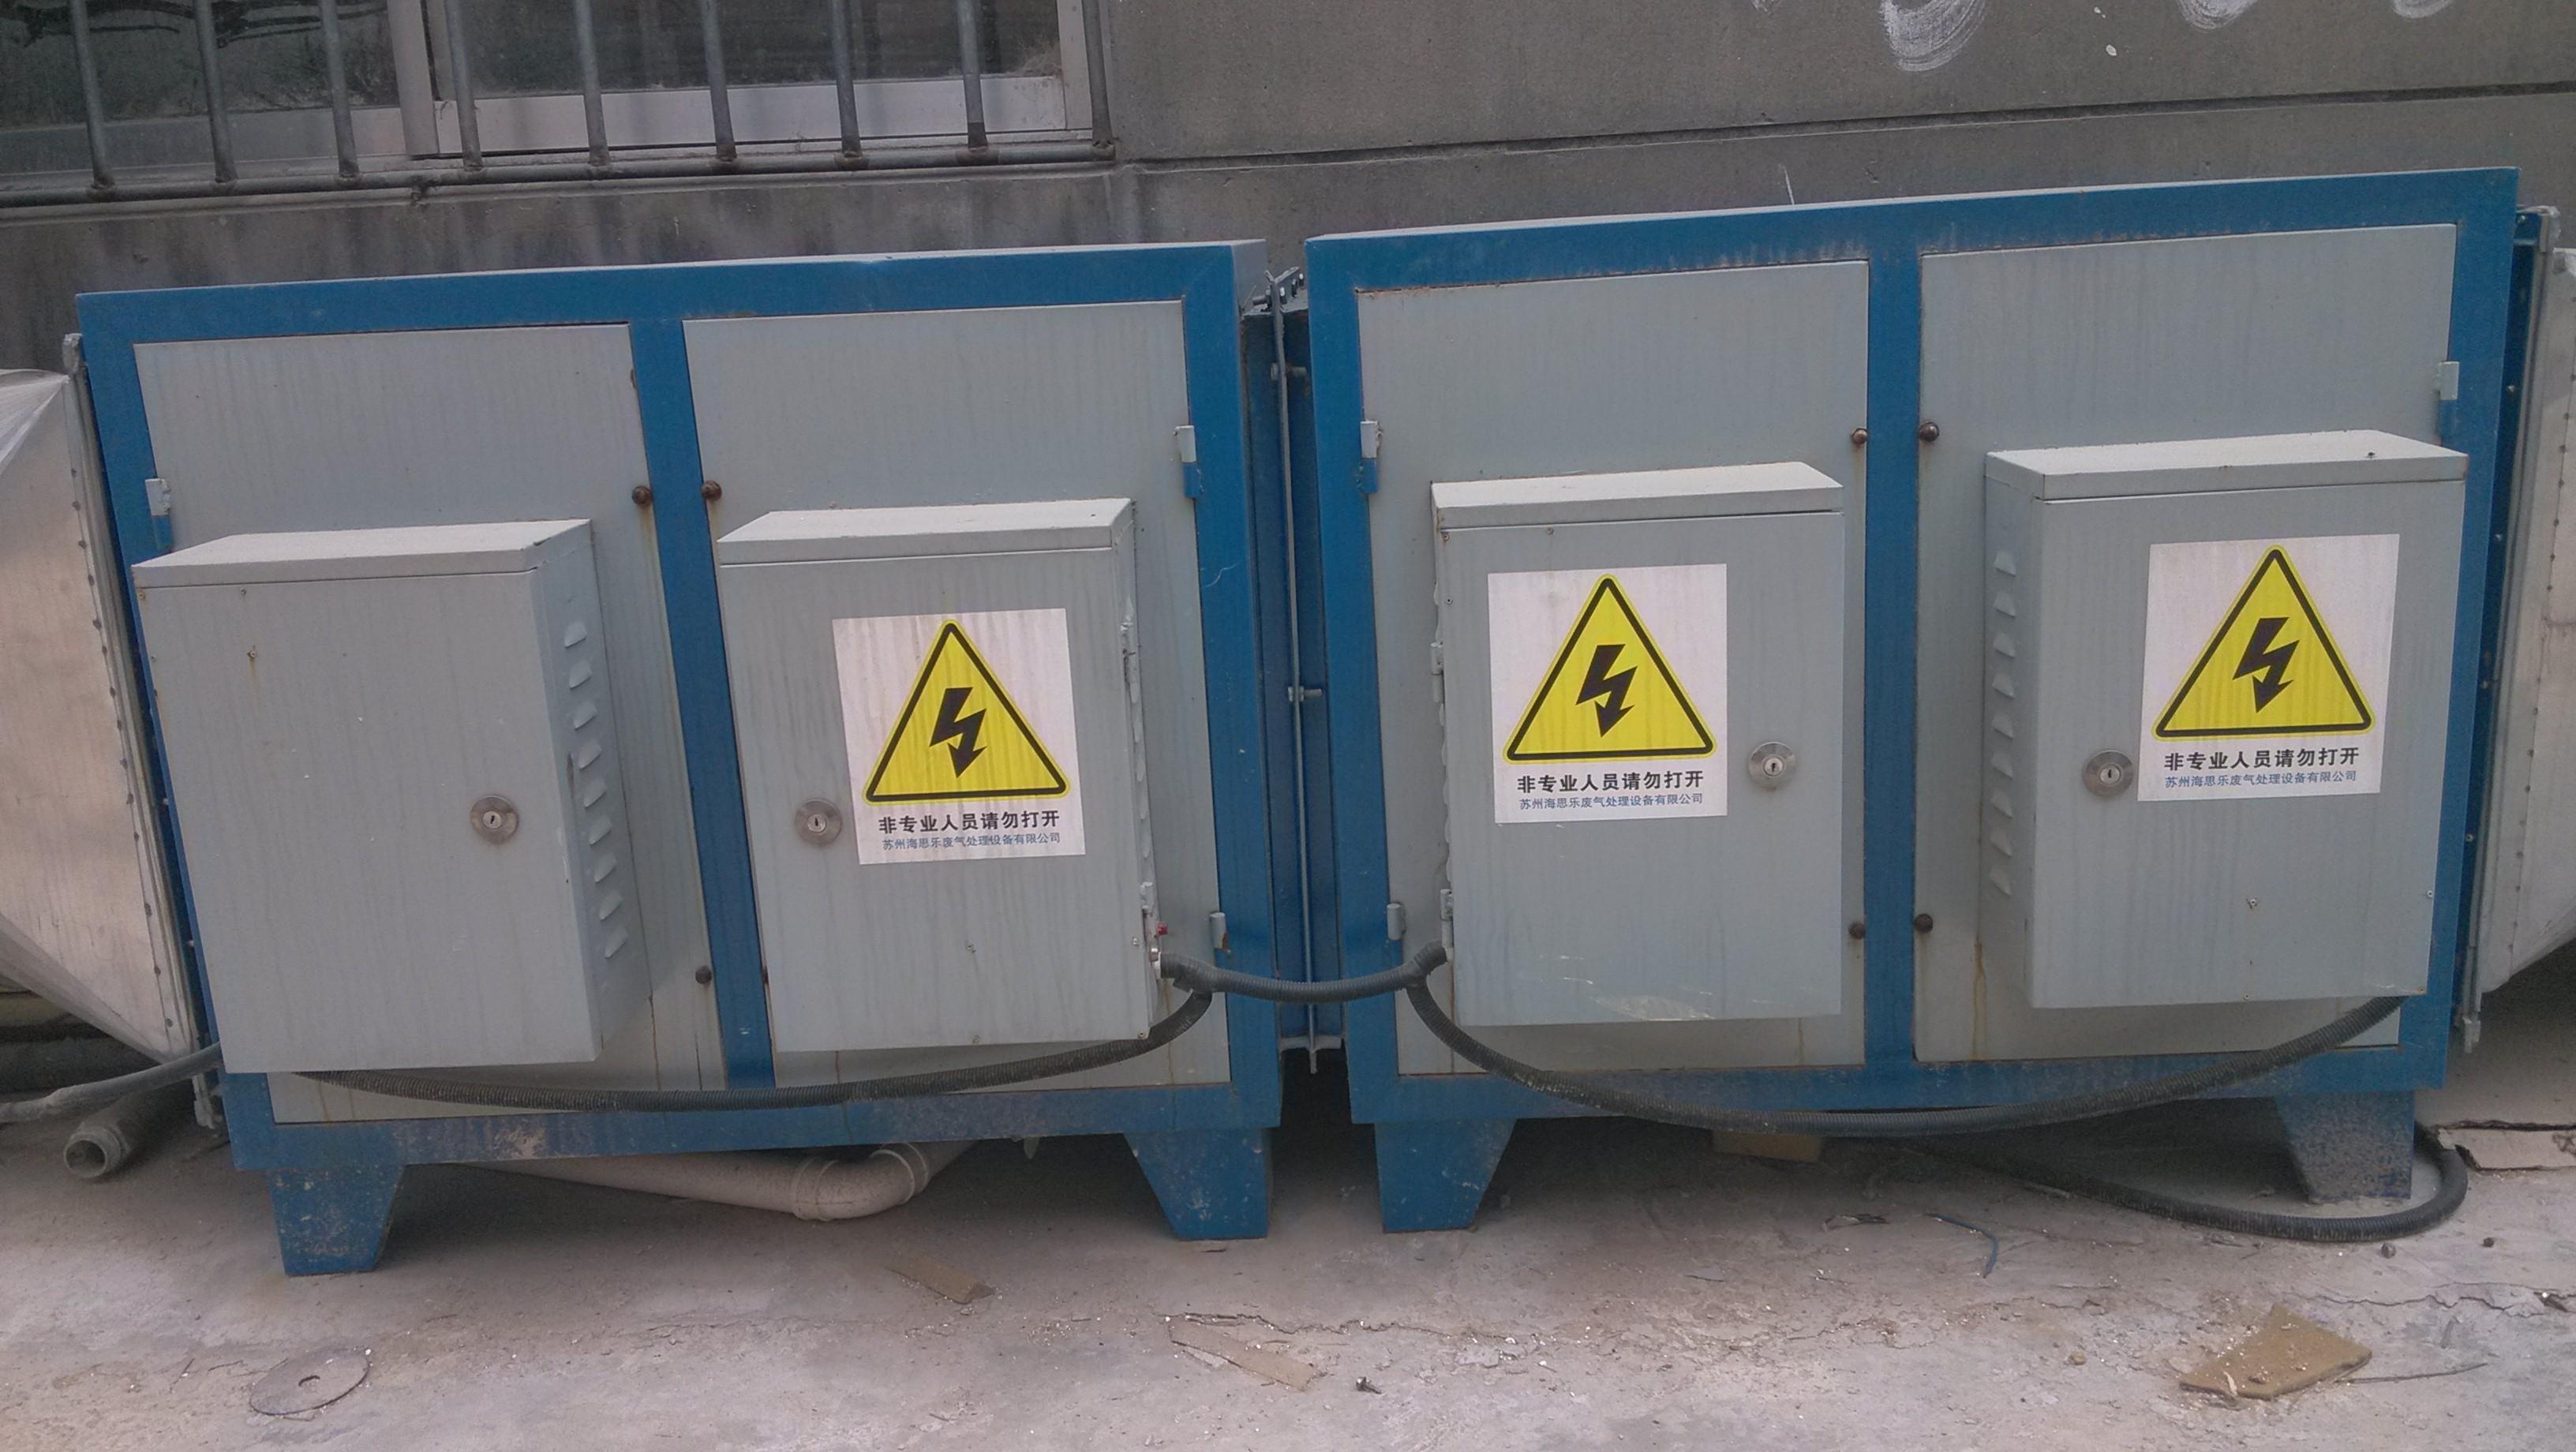 回收 垃圾桶 垃圾箱 设备 3264_1840